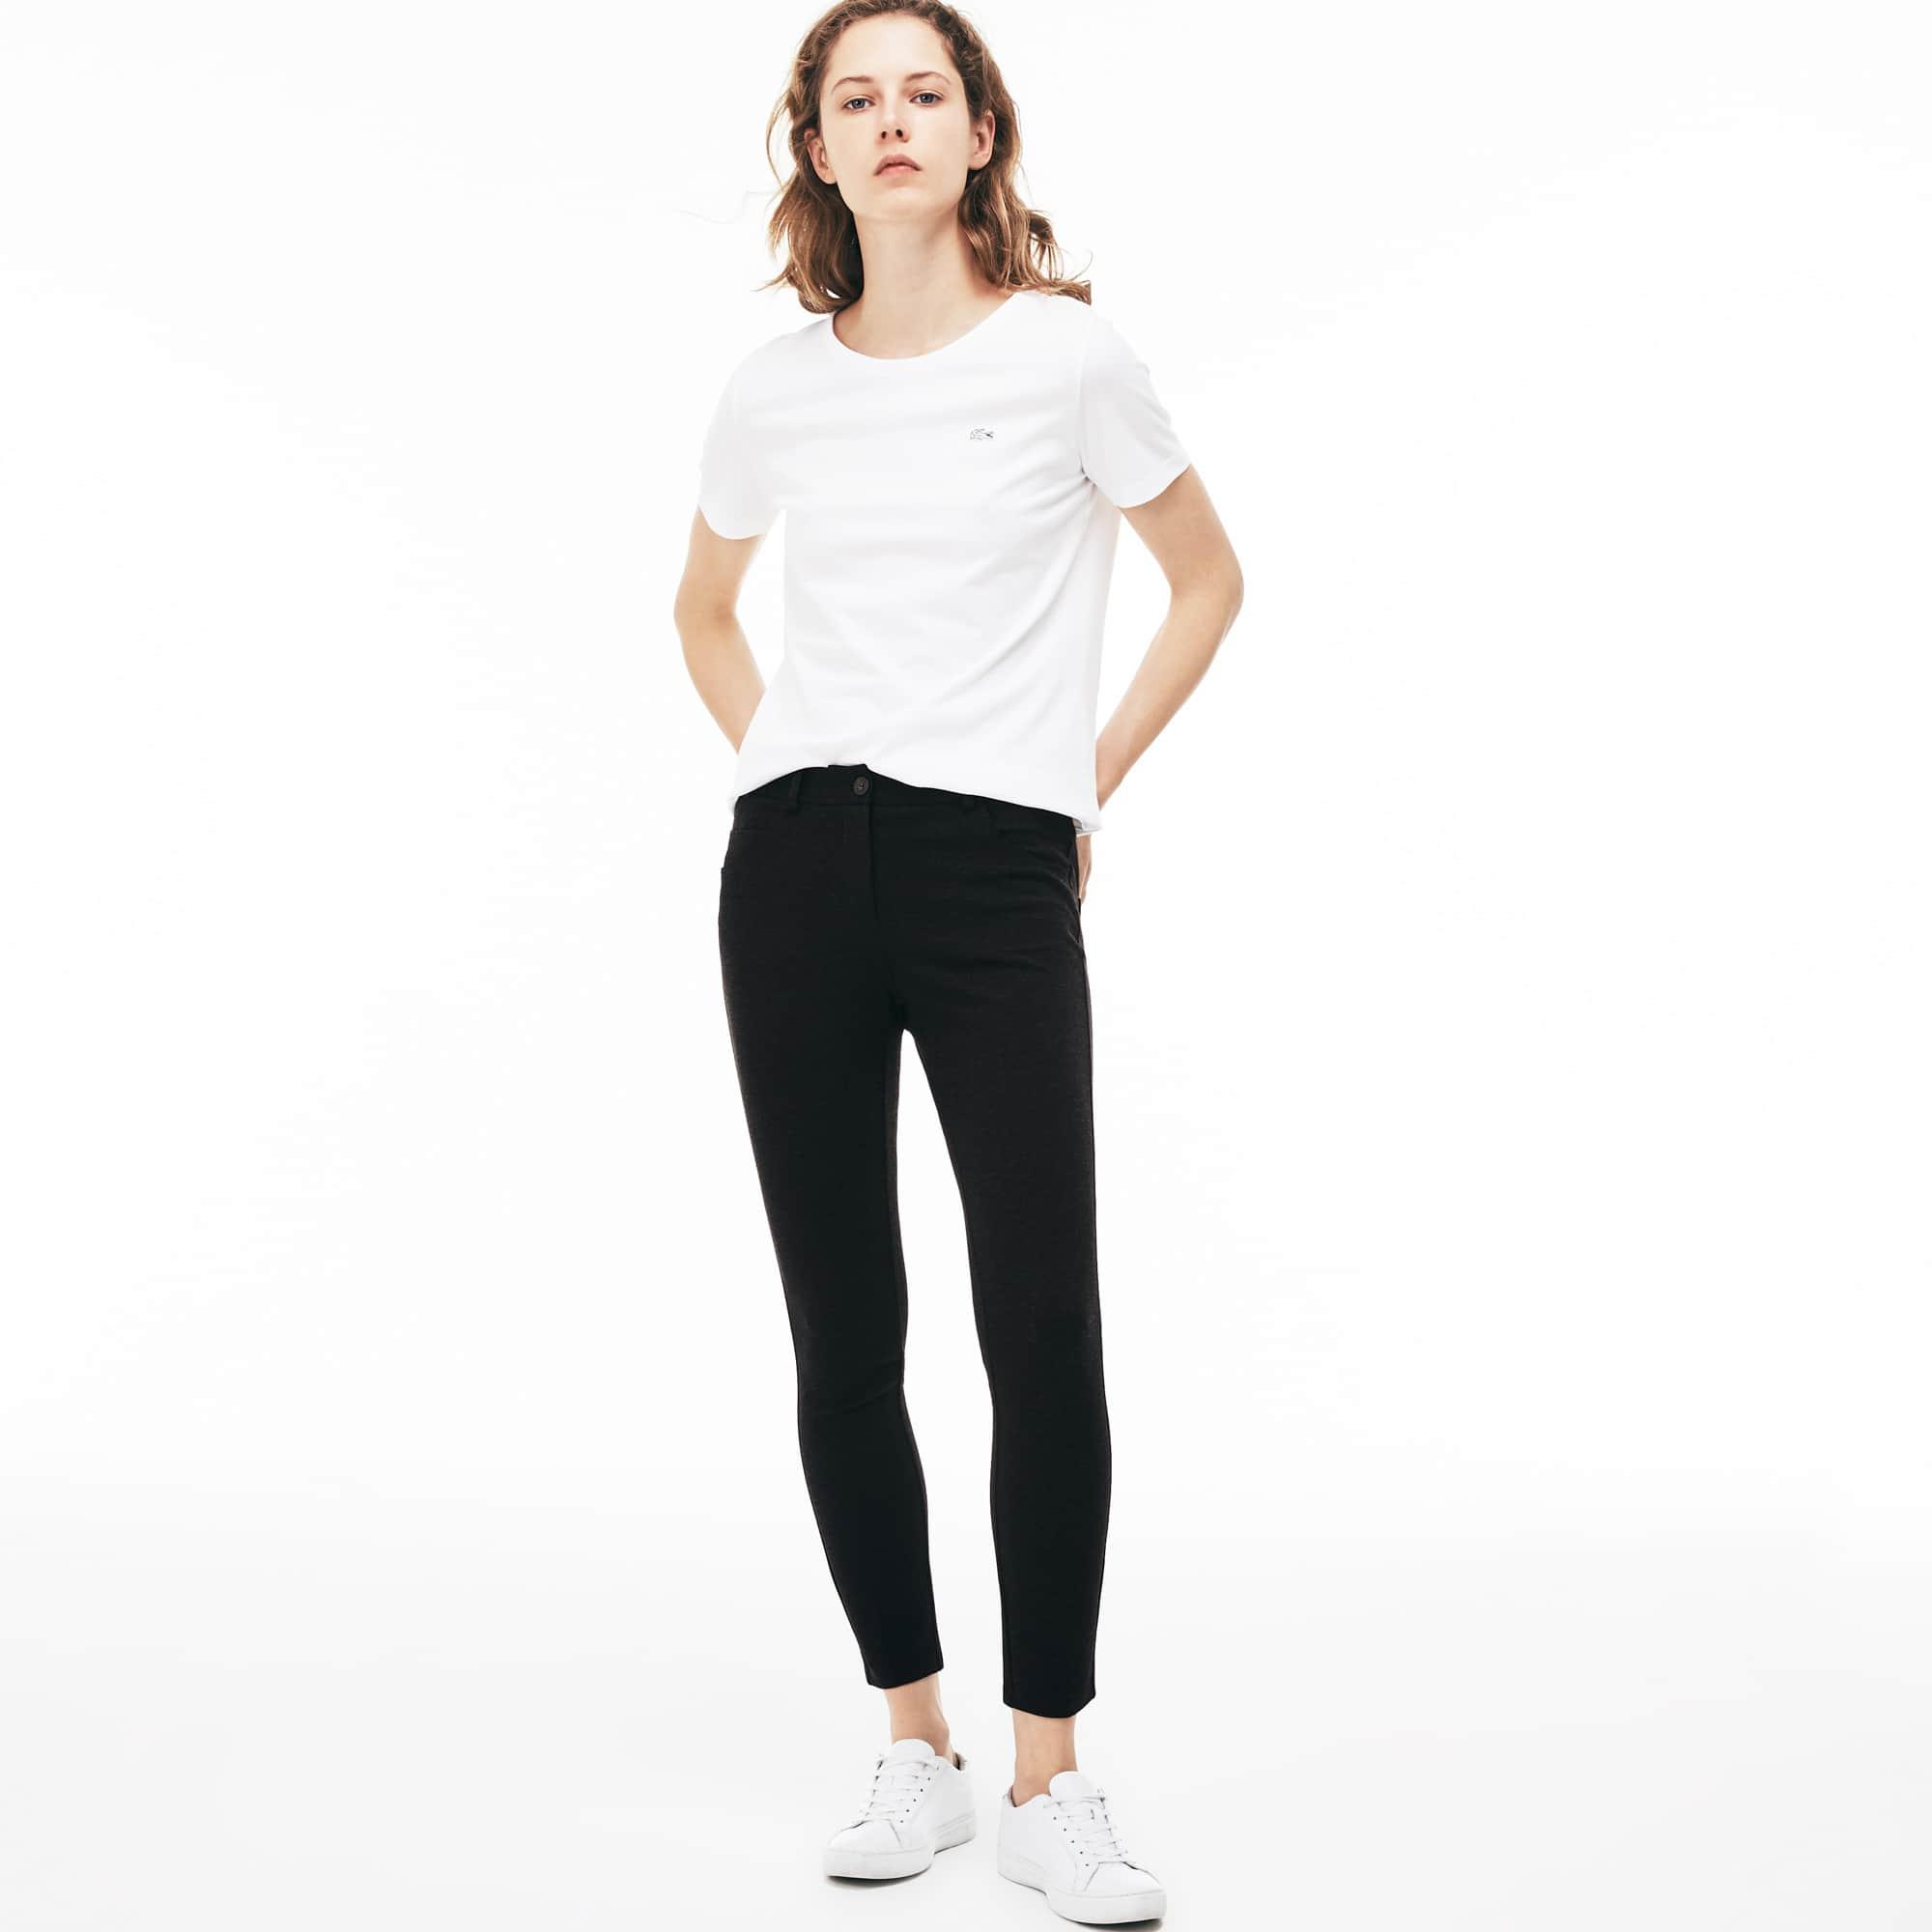 Pantaloni 5 tasche in maglia Milano stretch tinta unita